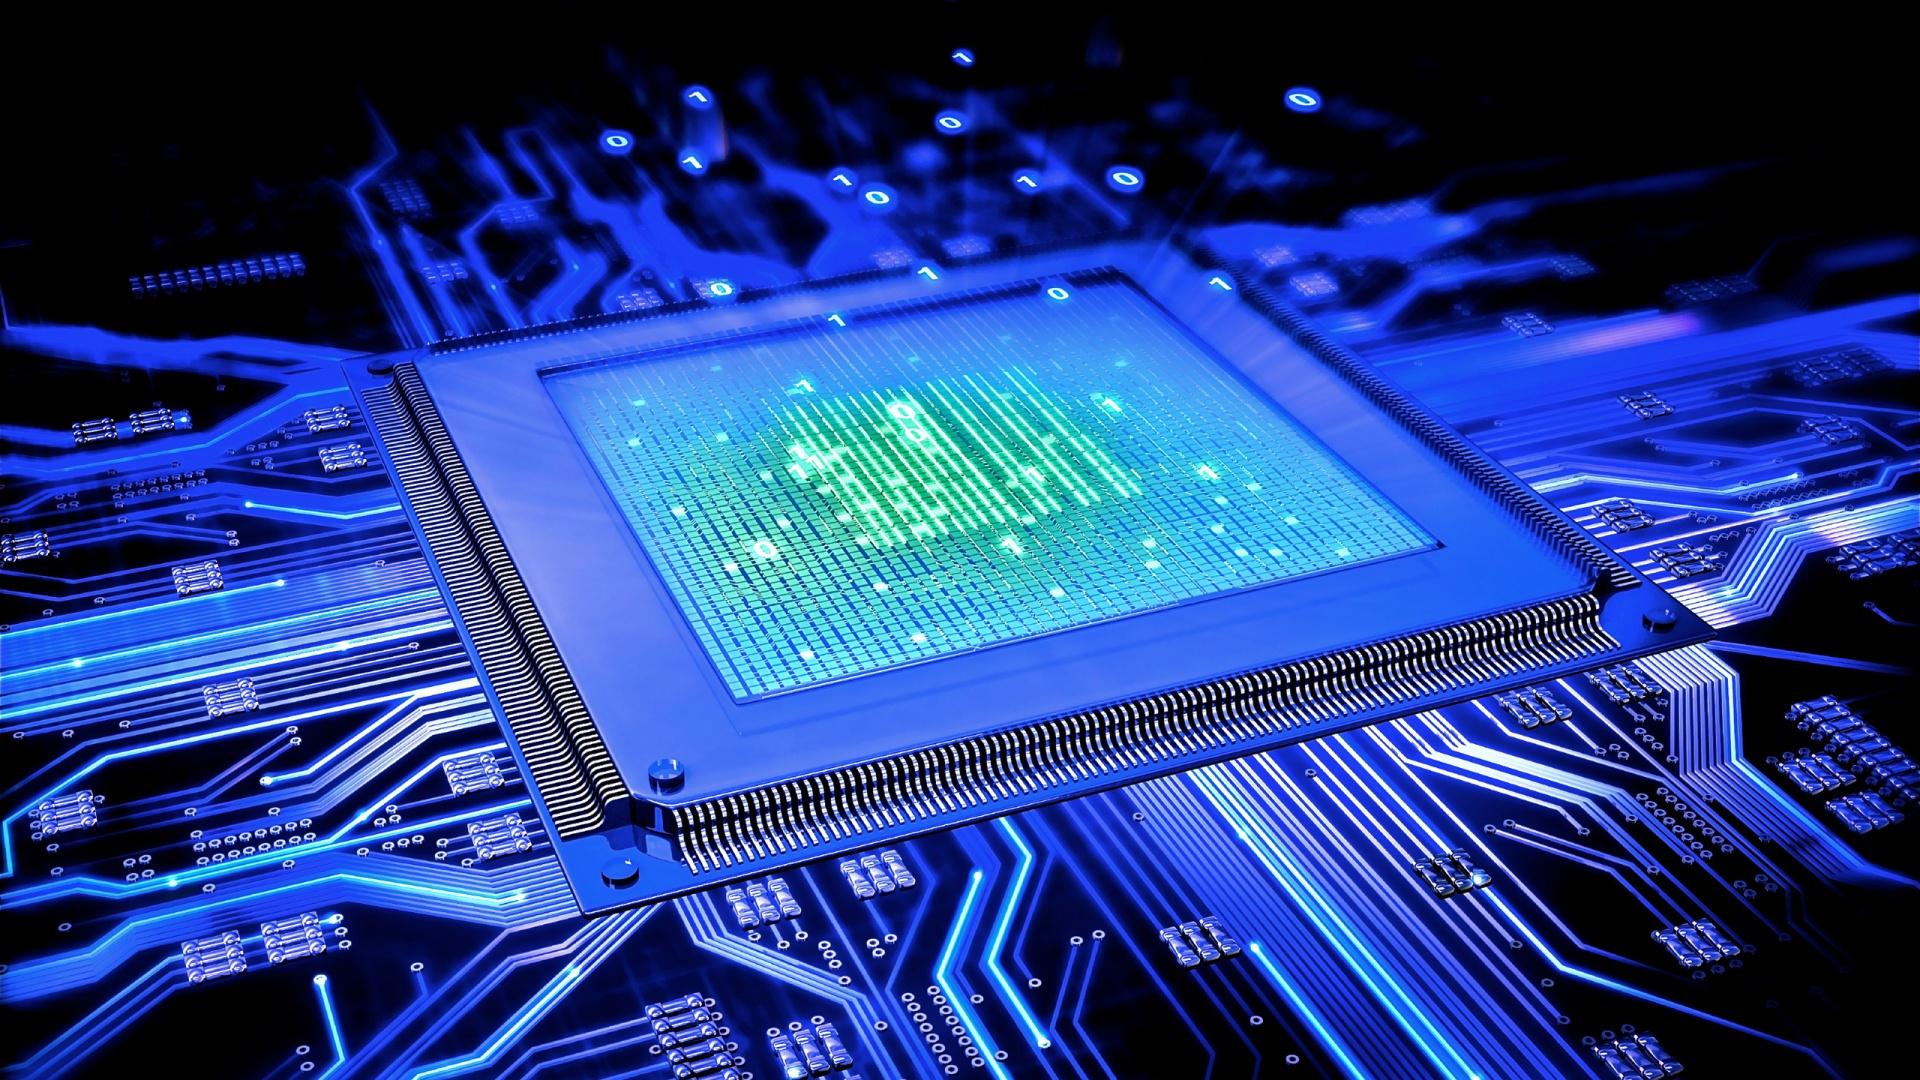 تولید اولین تراشه کامپیوتری که توسط منابع زیستی کار می کند